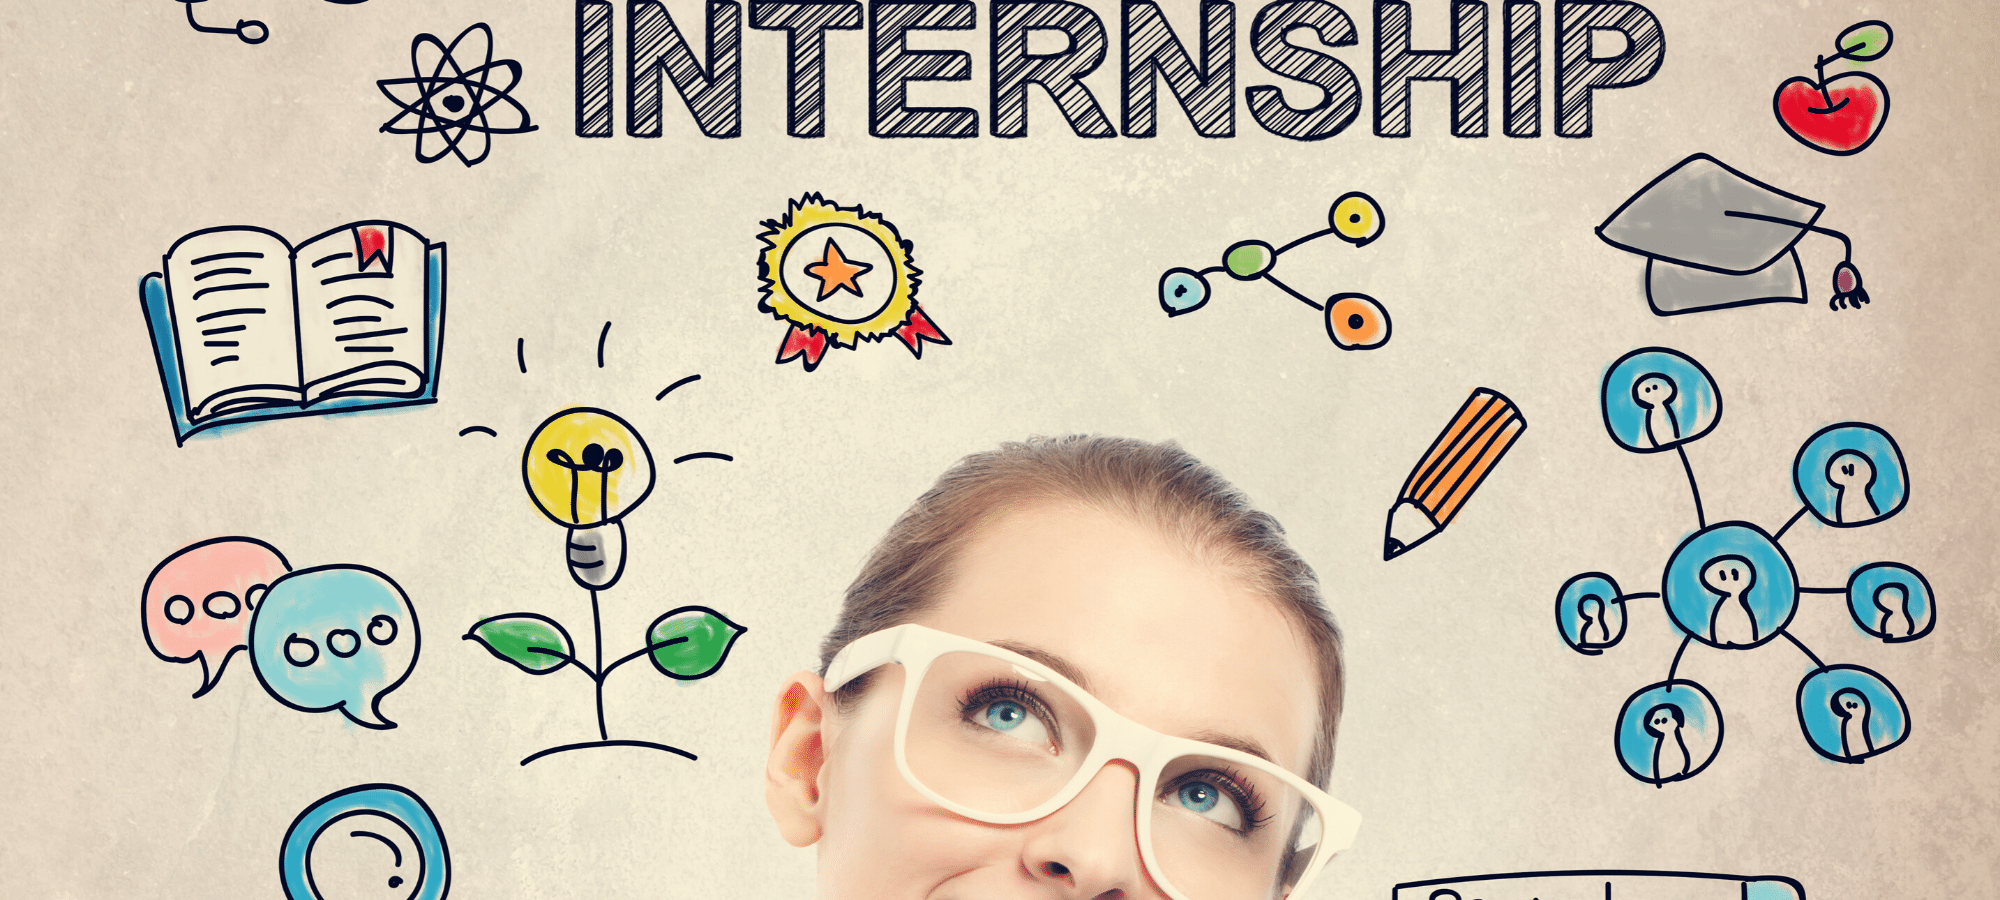 summer internship ALO